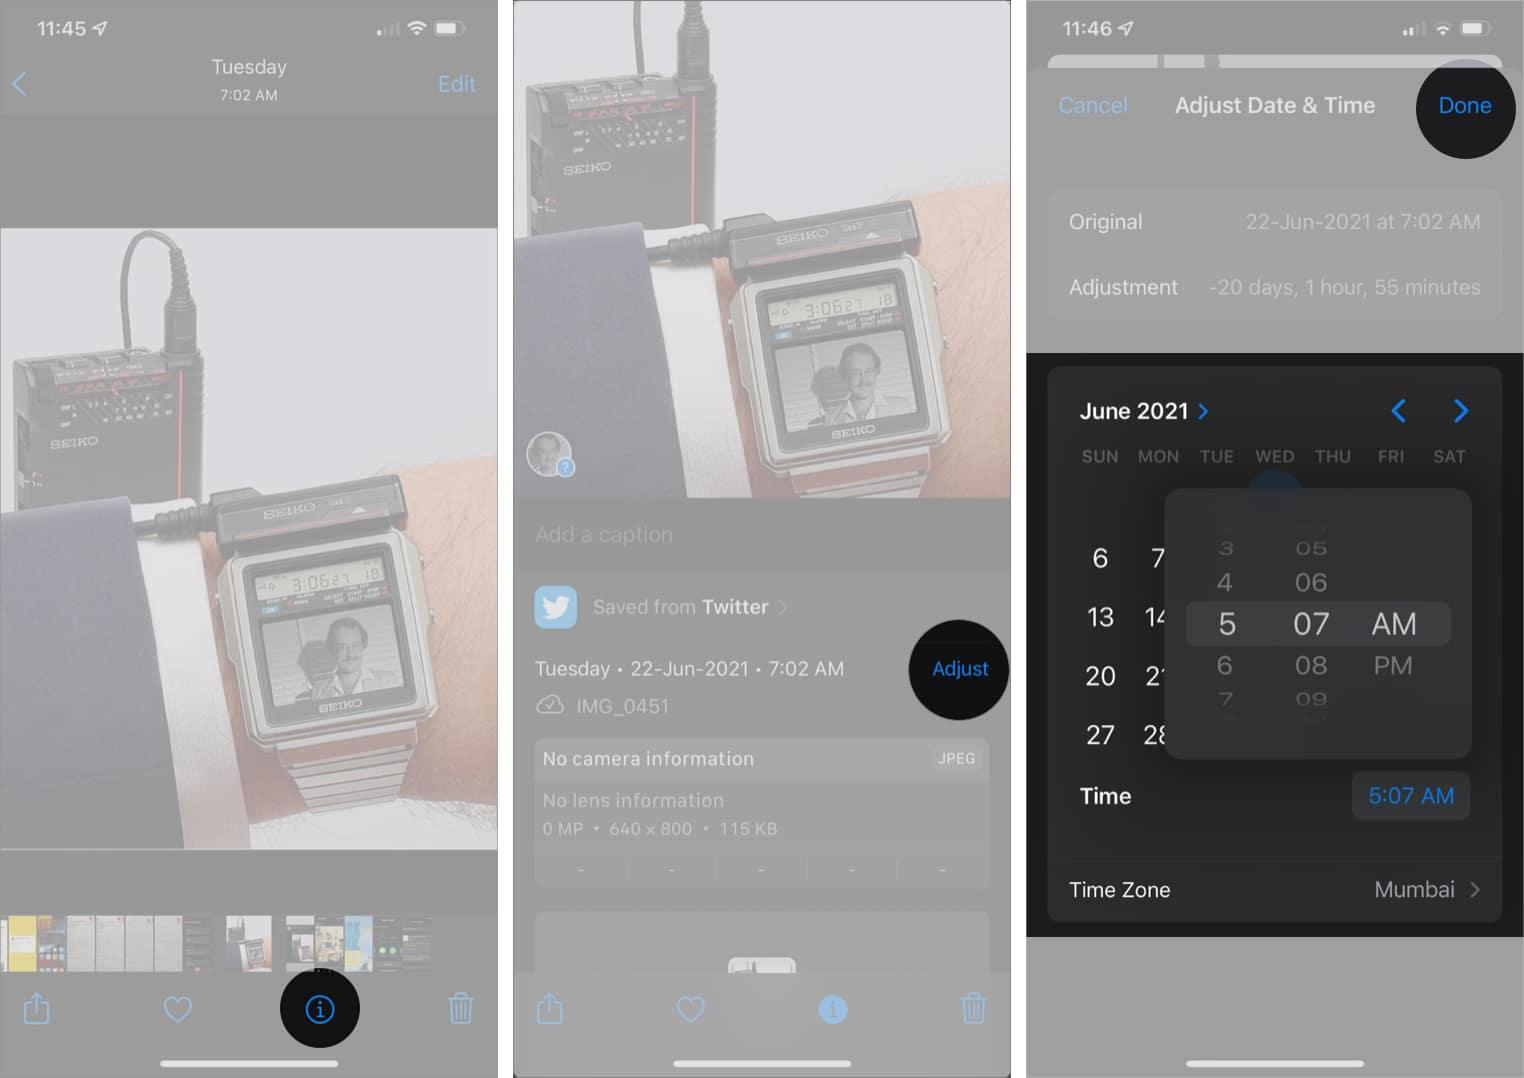 Редактировать дату и время на фотографиях или видео в iOS 15